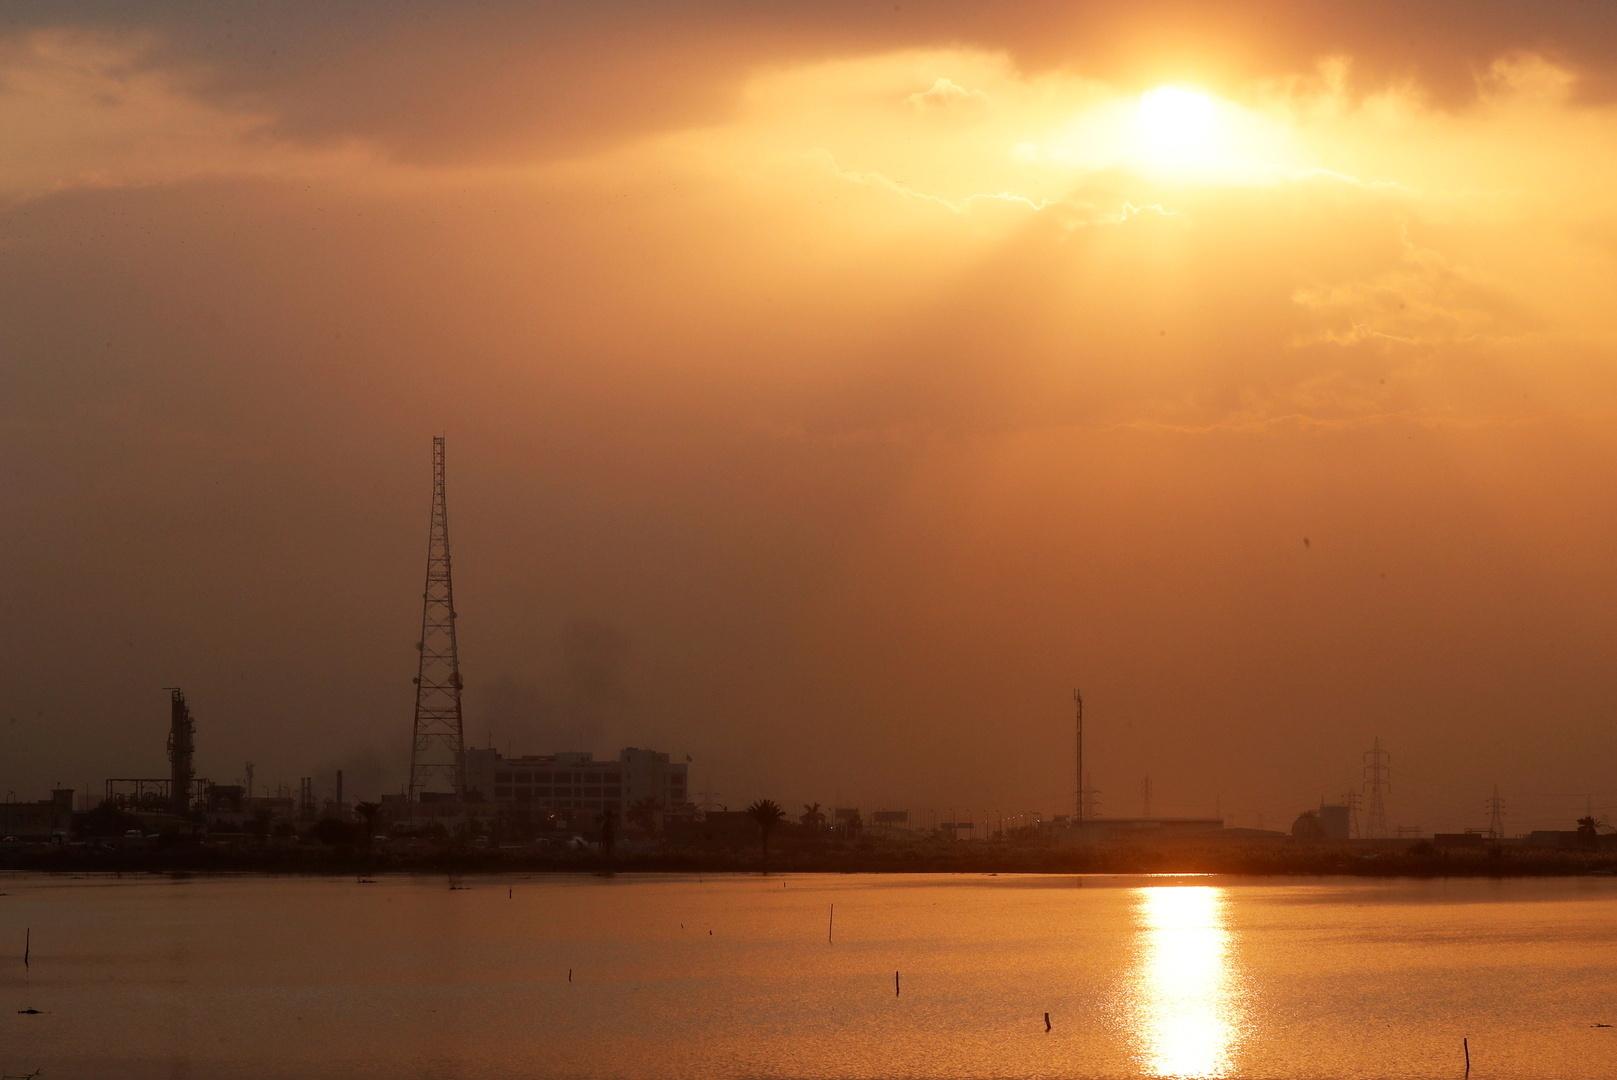 تحذير للمواطنين في مصر من موجة حر شديدة ستضرب البلاد